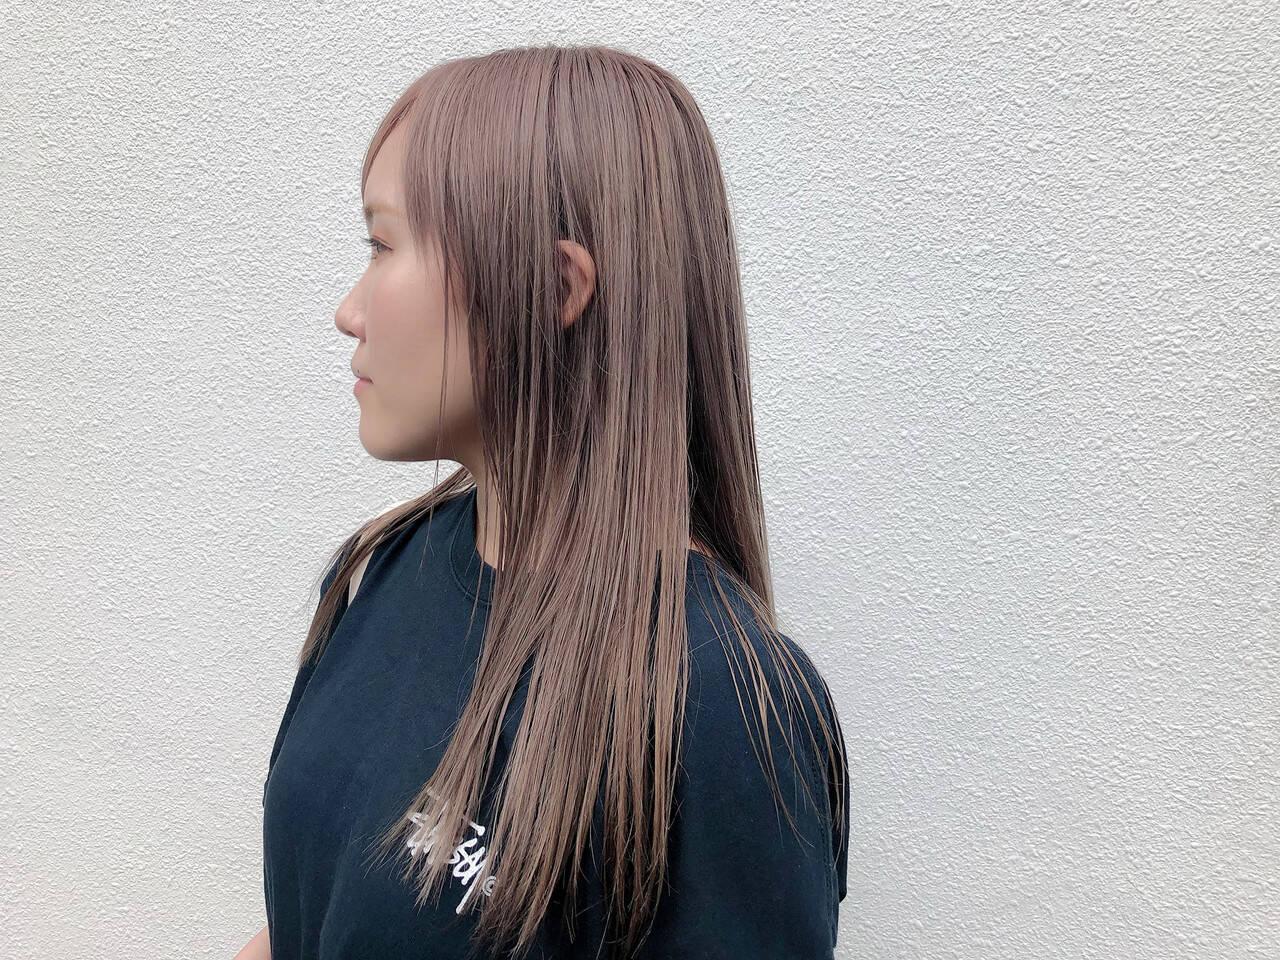 ミルクティーベージュ ストリート ミルクティー ハイトーンヘアスタイルや髪型の写真・画像